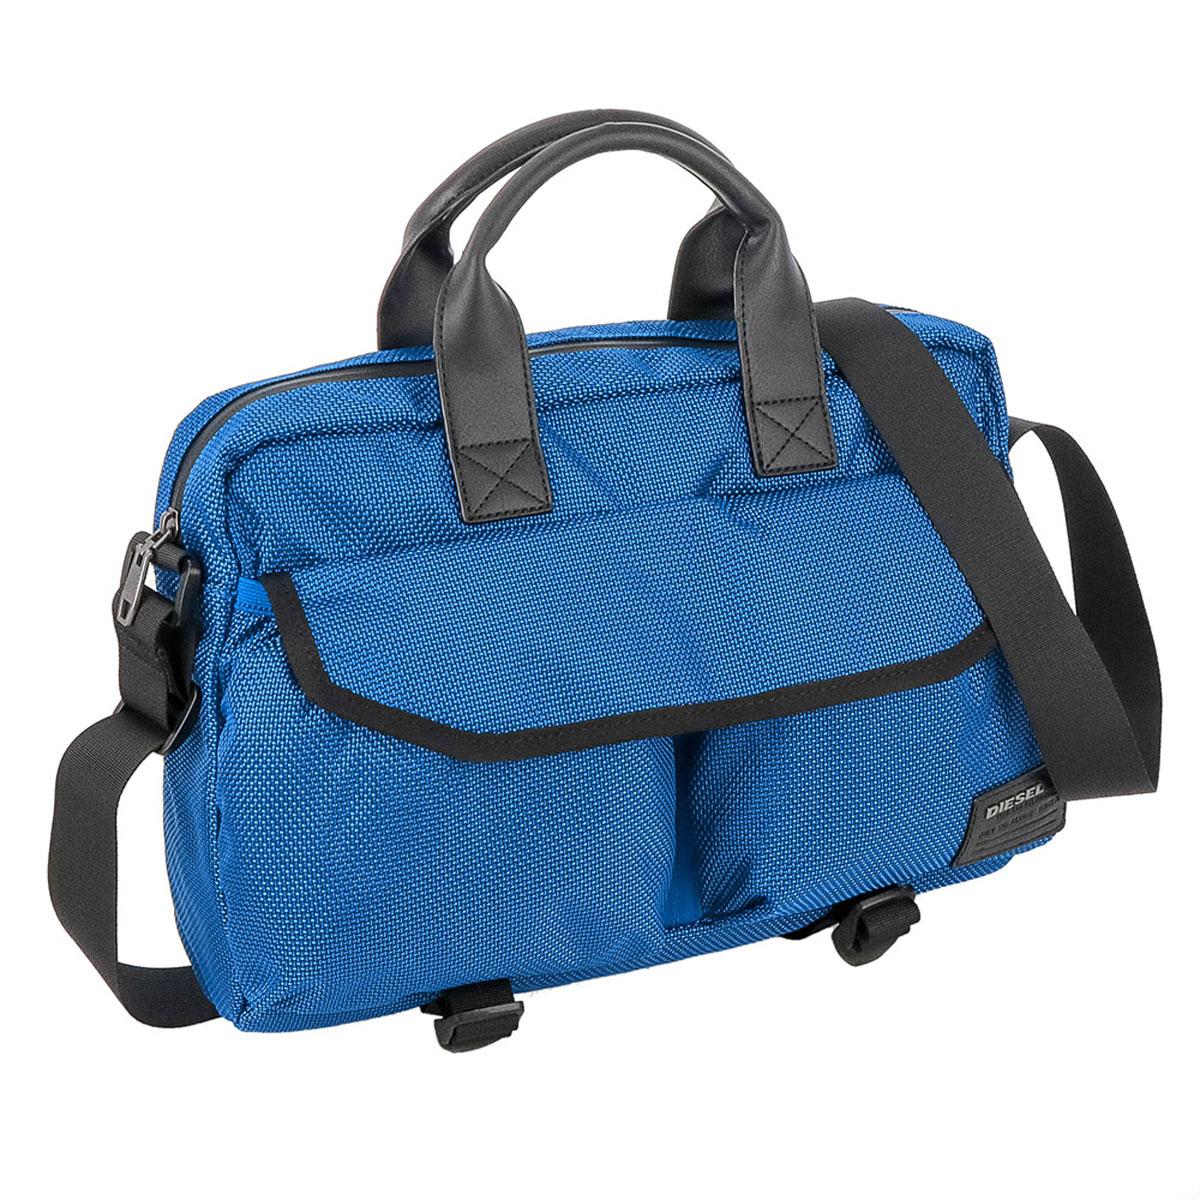 ディーゼル DIESEL バッグ X04012 PR027 T6084 2way ビジネスバッグ 斜めがけバッグ ブリーフバッグ BLUE ブルー+ブラック